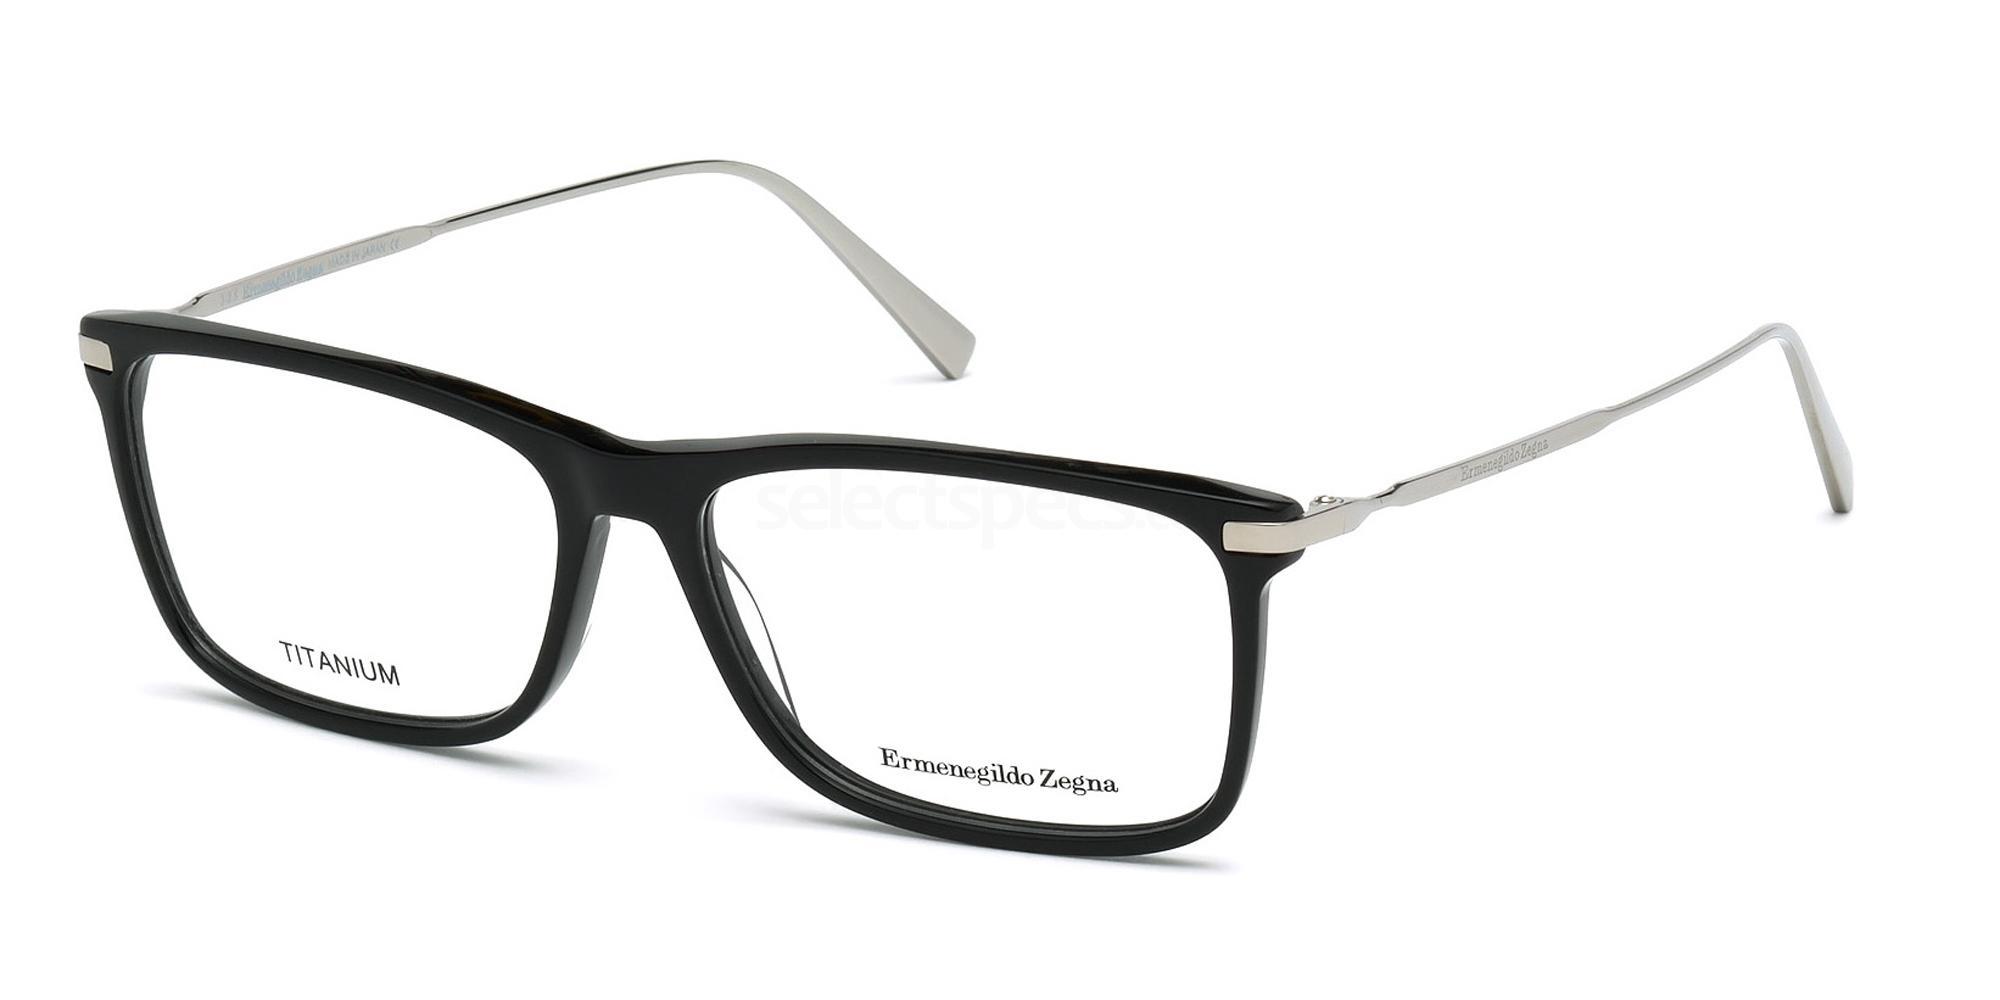 001 EZ5052 Glasses, Ermenegildo Zegna